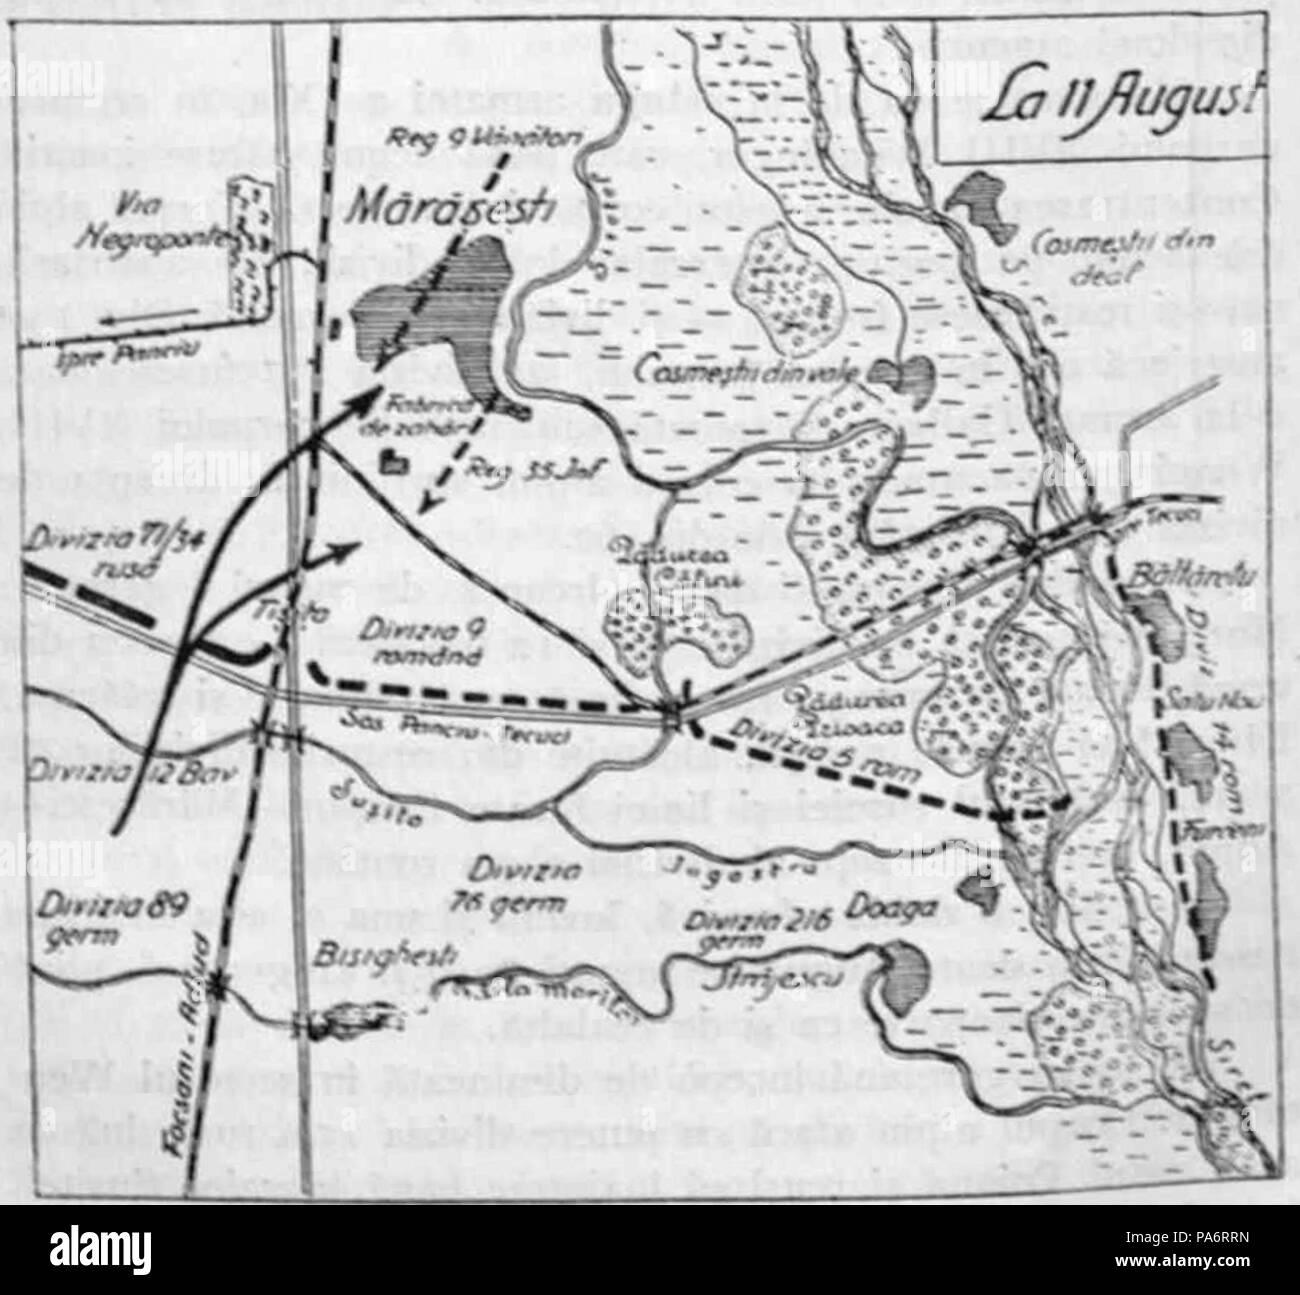 5 1929 Harta Bat De La Marasesti 11 Aug 1917 Kiritescu Ii 532